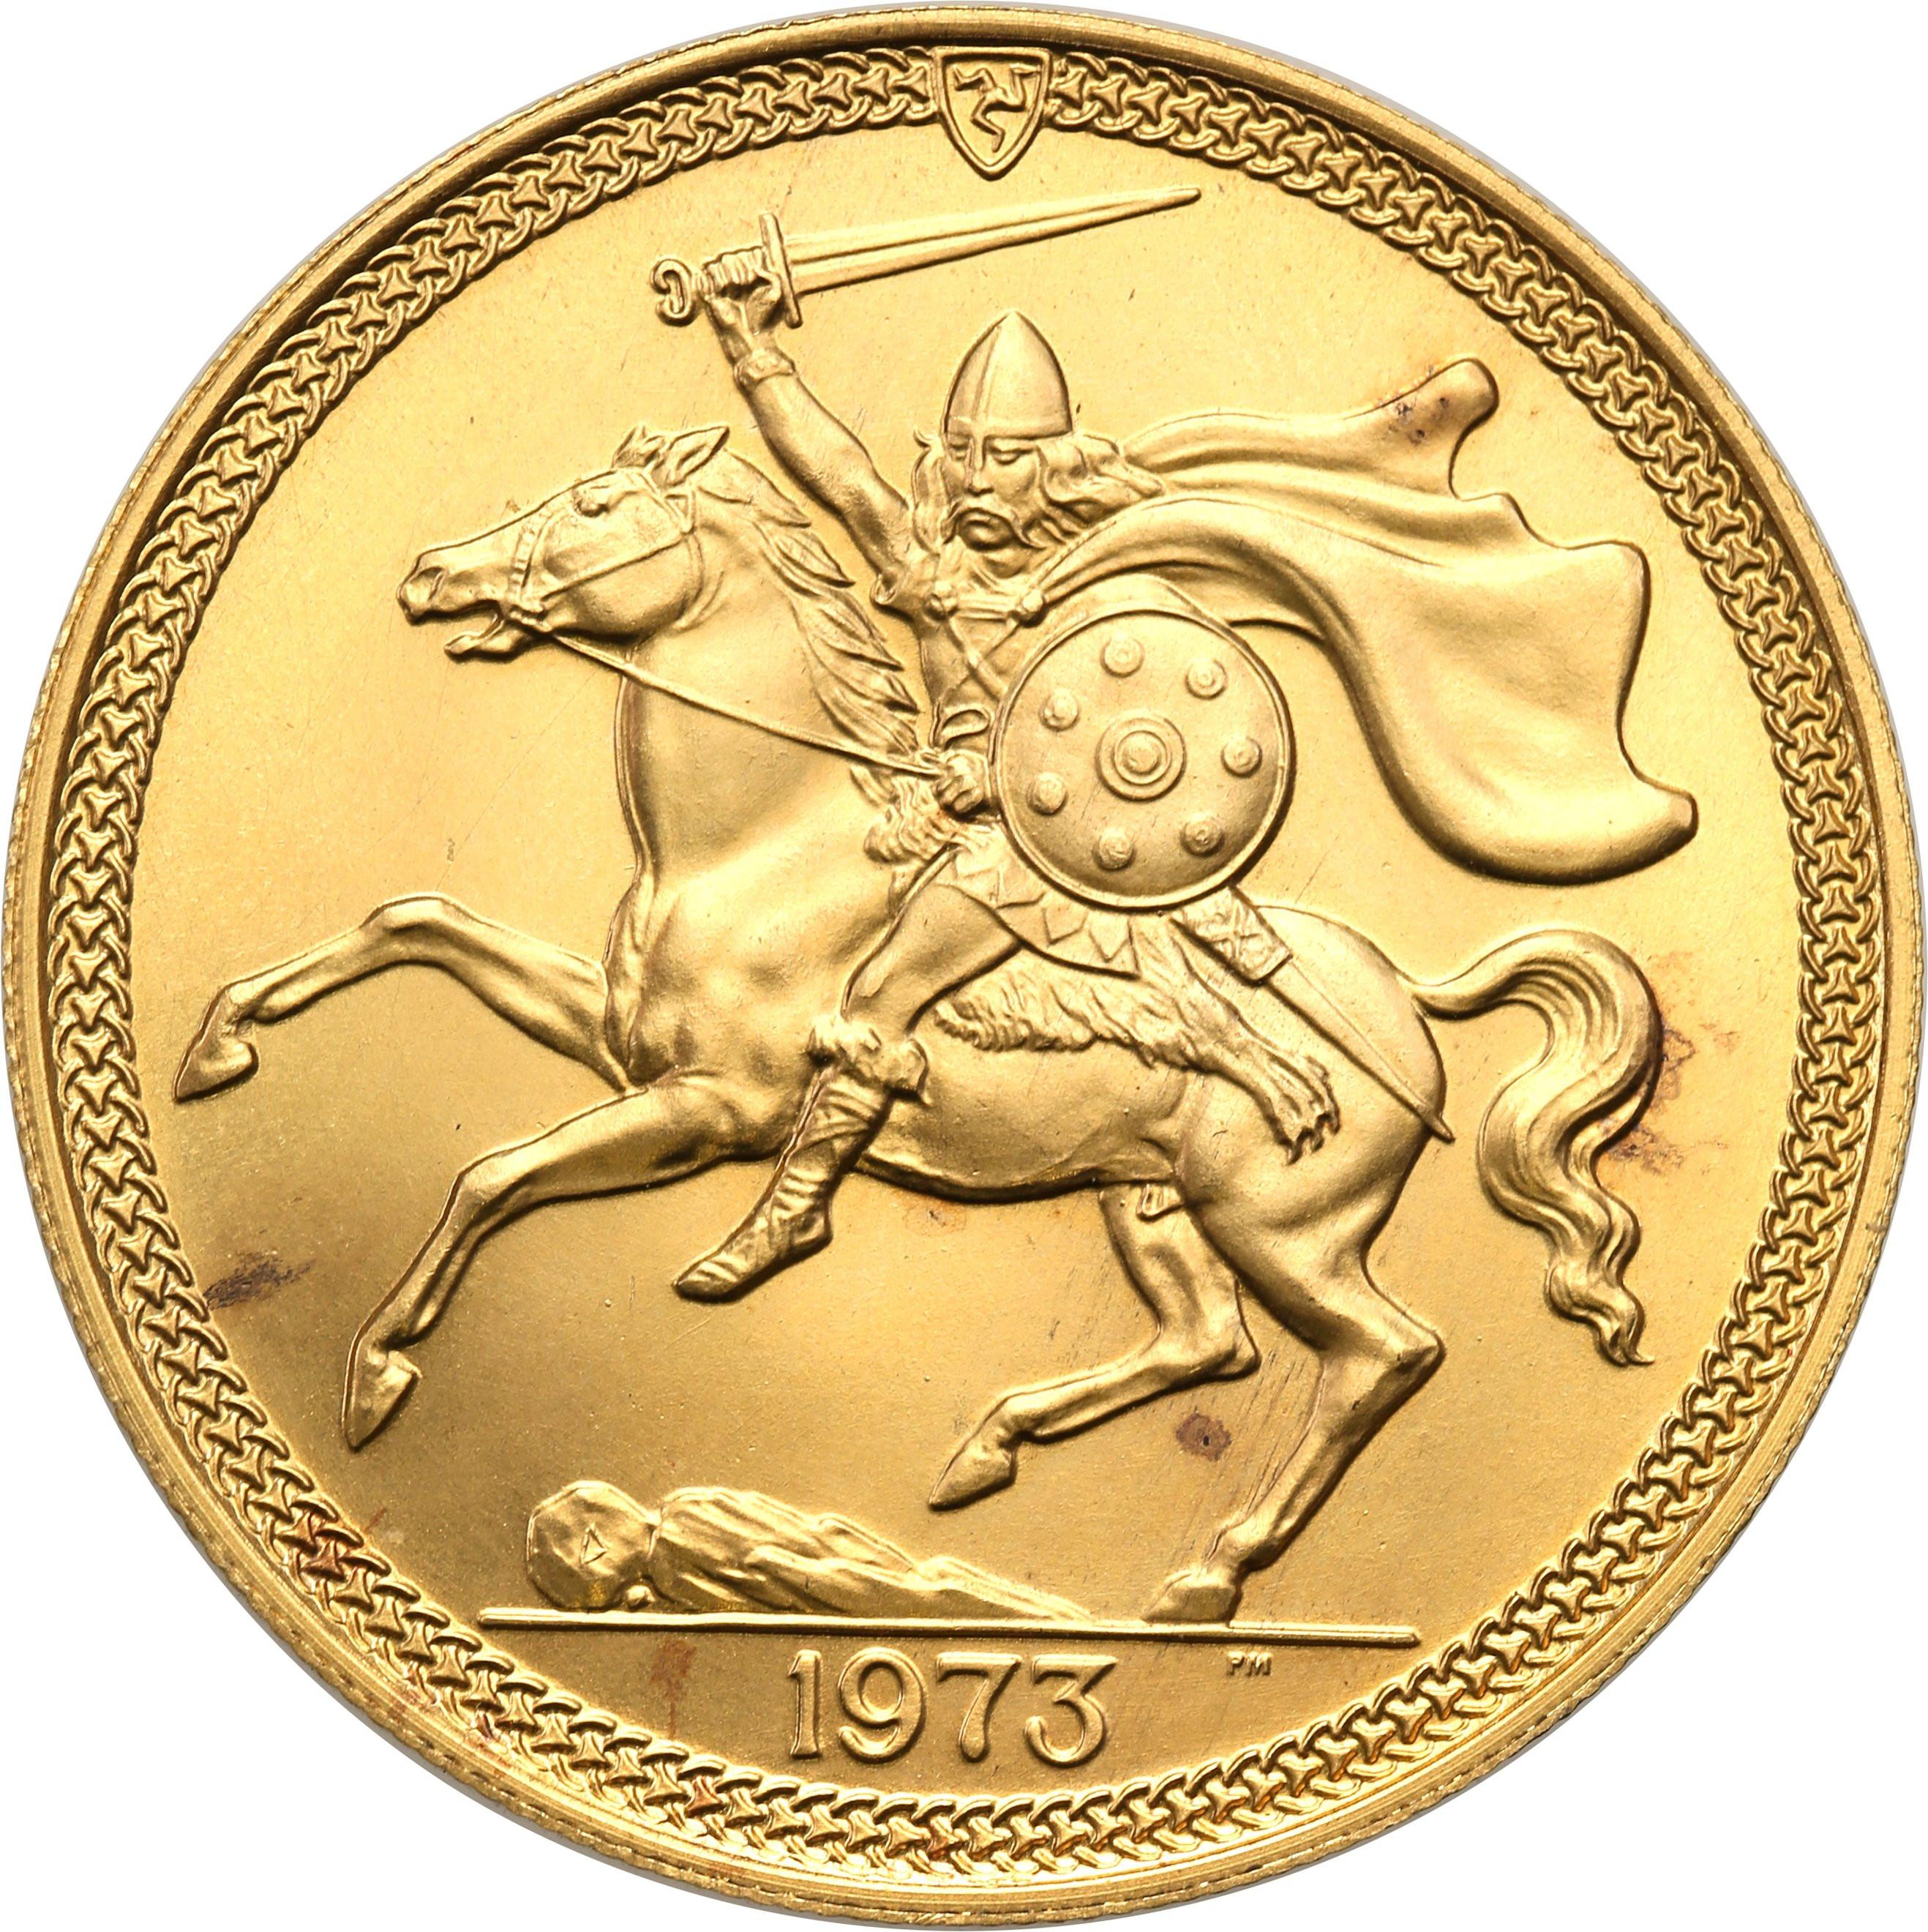 Isle of Man. Elżbieta II. 5 suwerenów (funtów) 1973 – Złoto